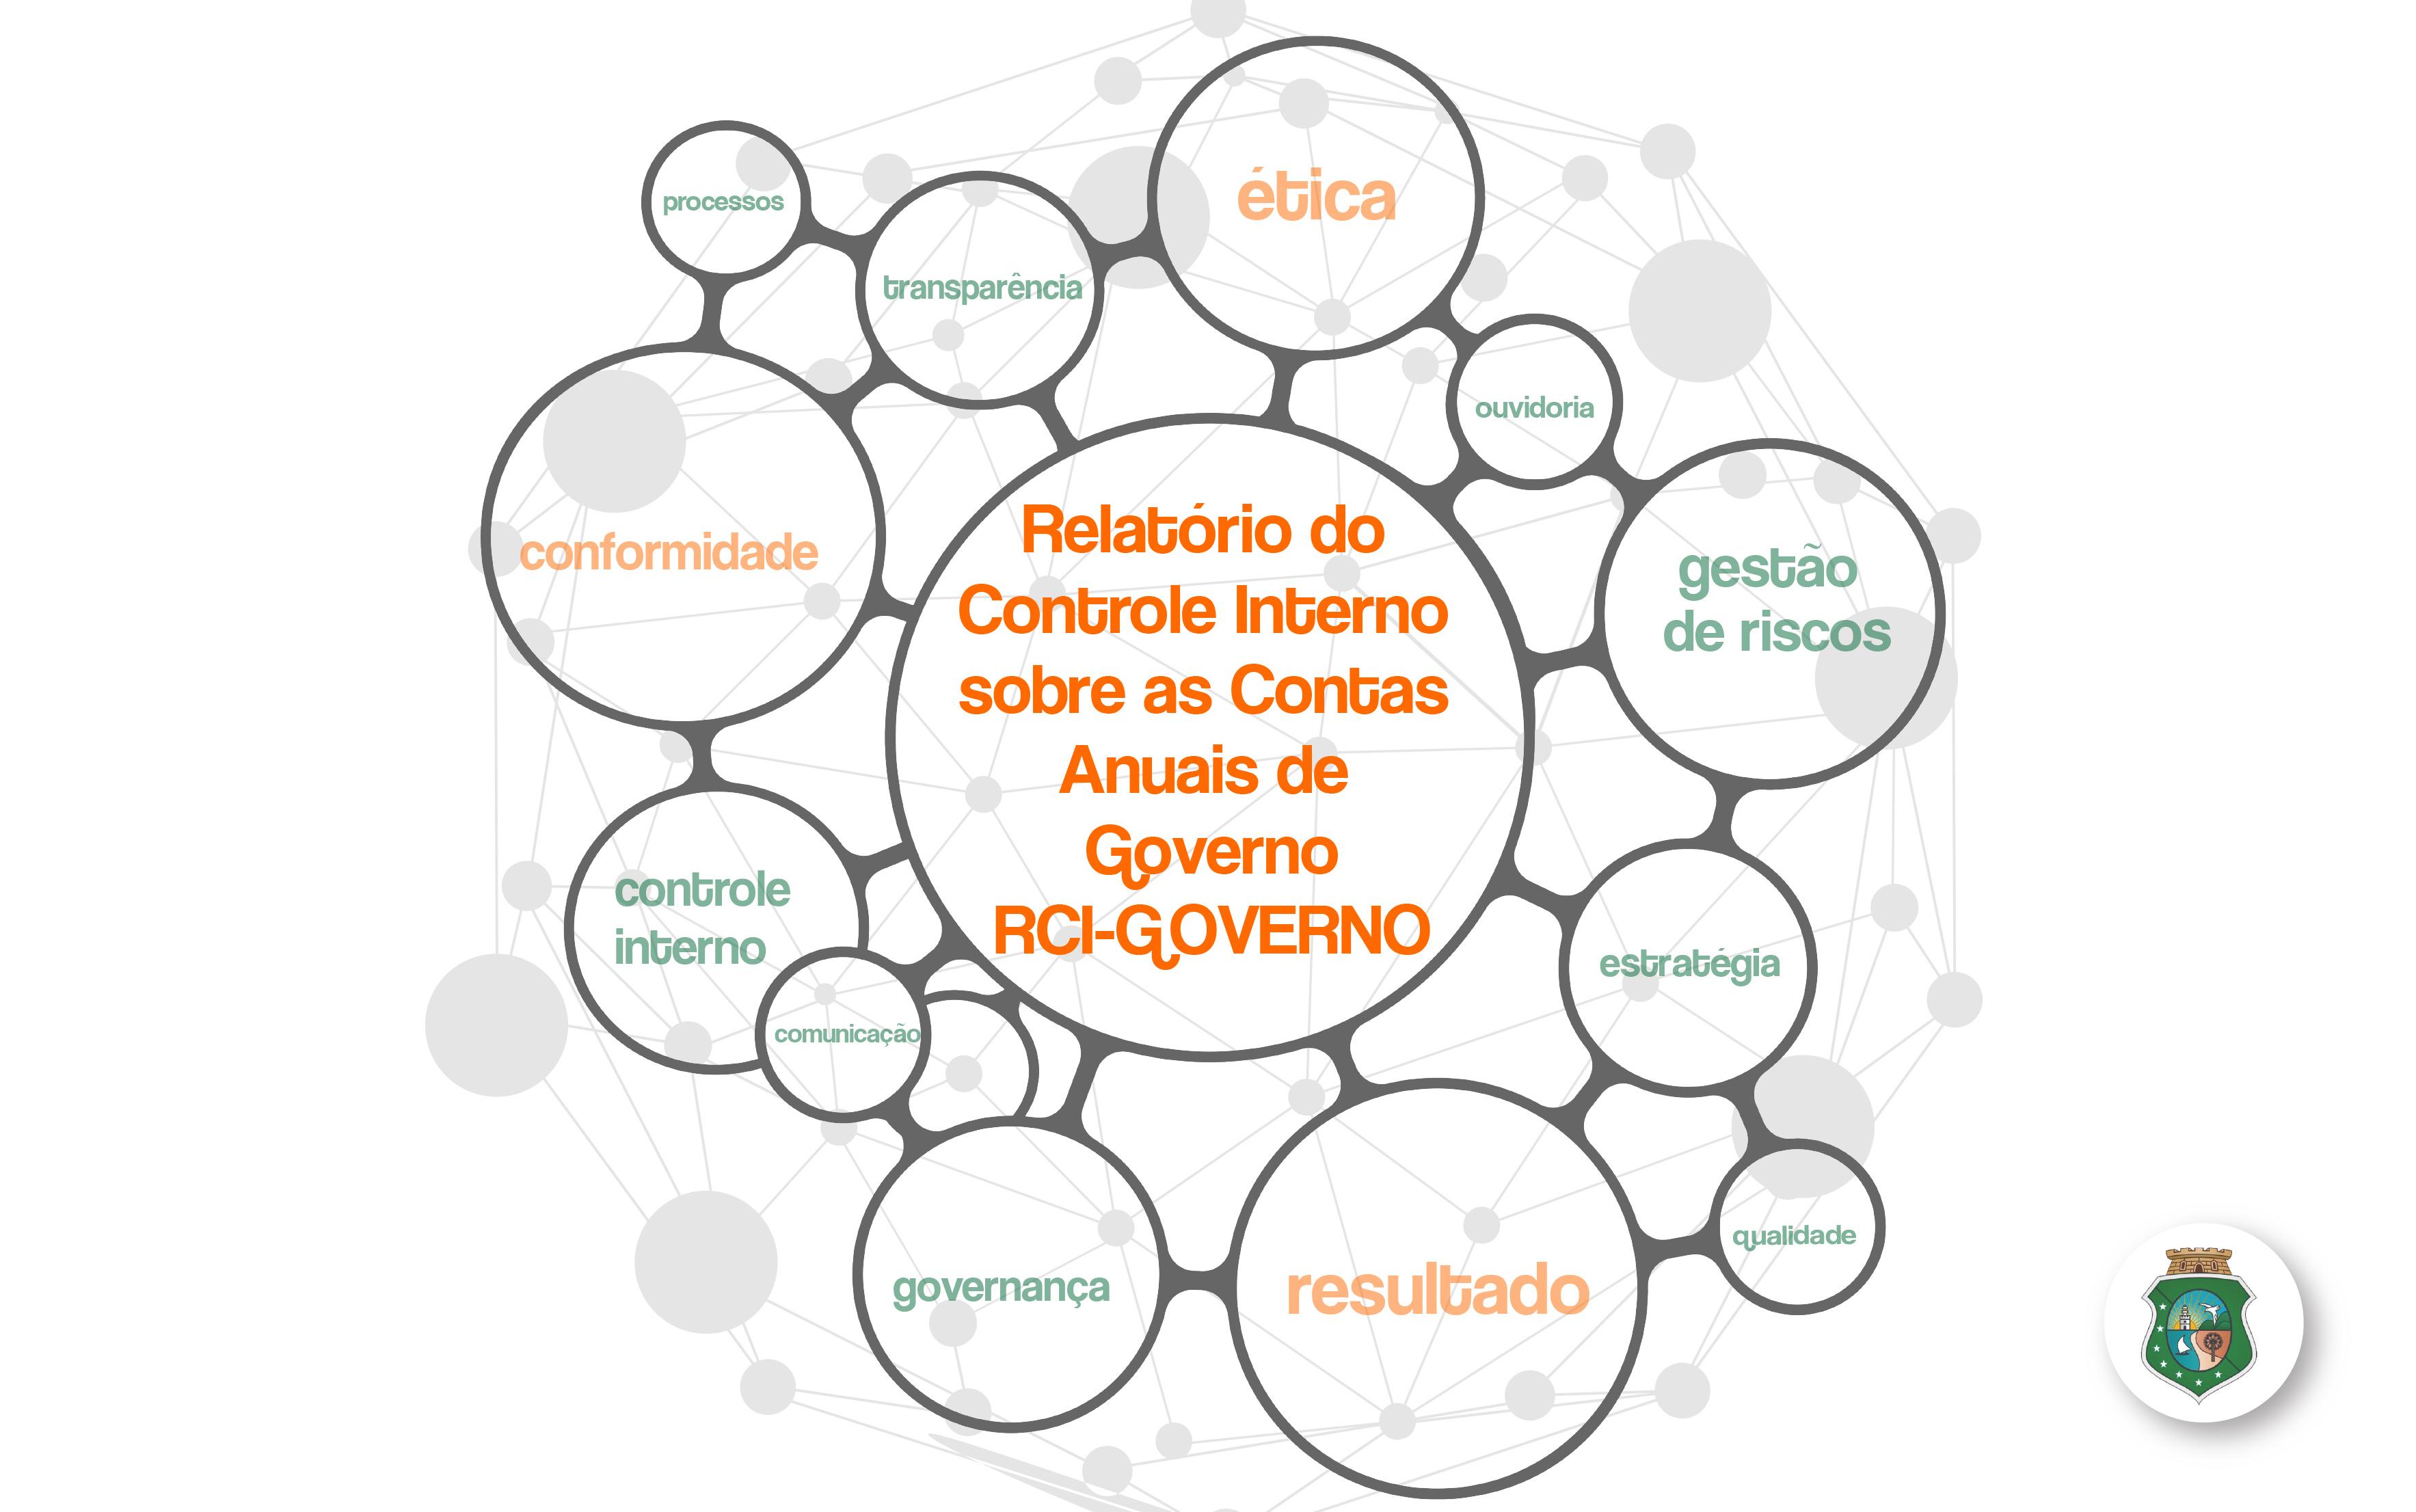 CGE disponibiliza Relatório do Controle Interno sobre as Contas Anuais de Governo RCI-GOVERNO 2019